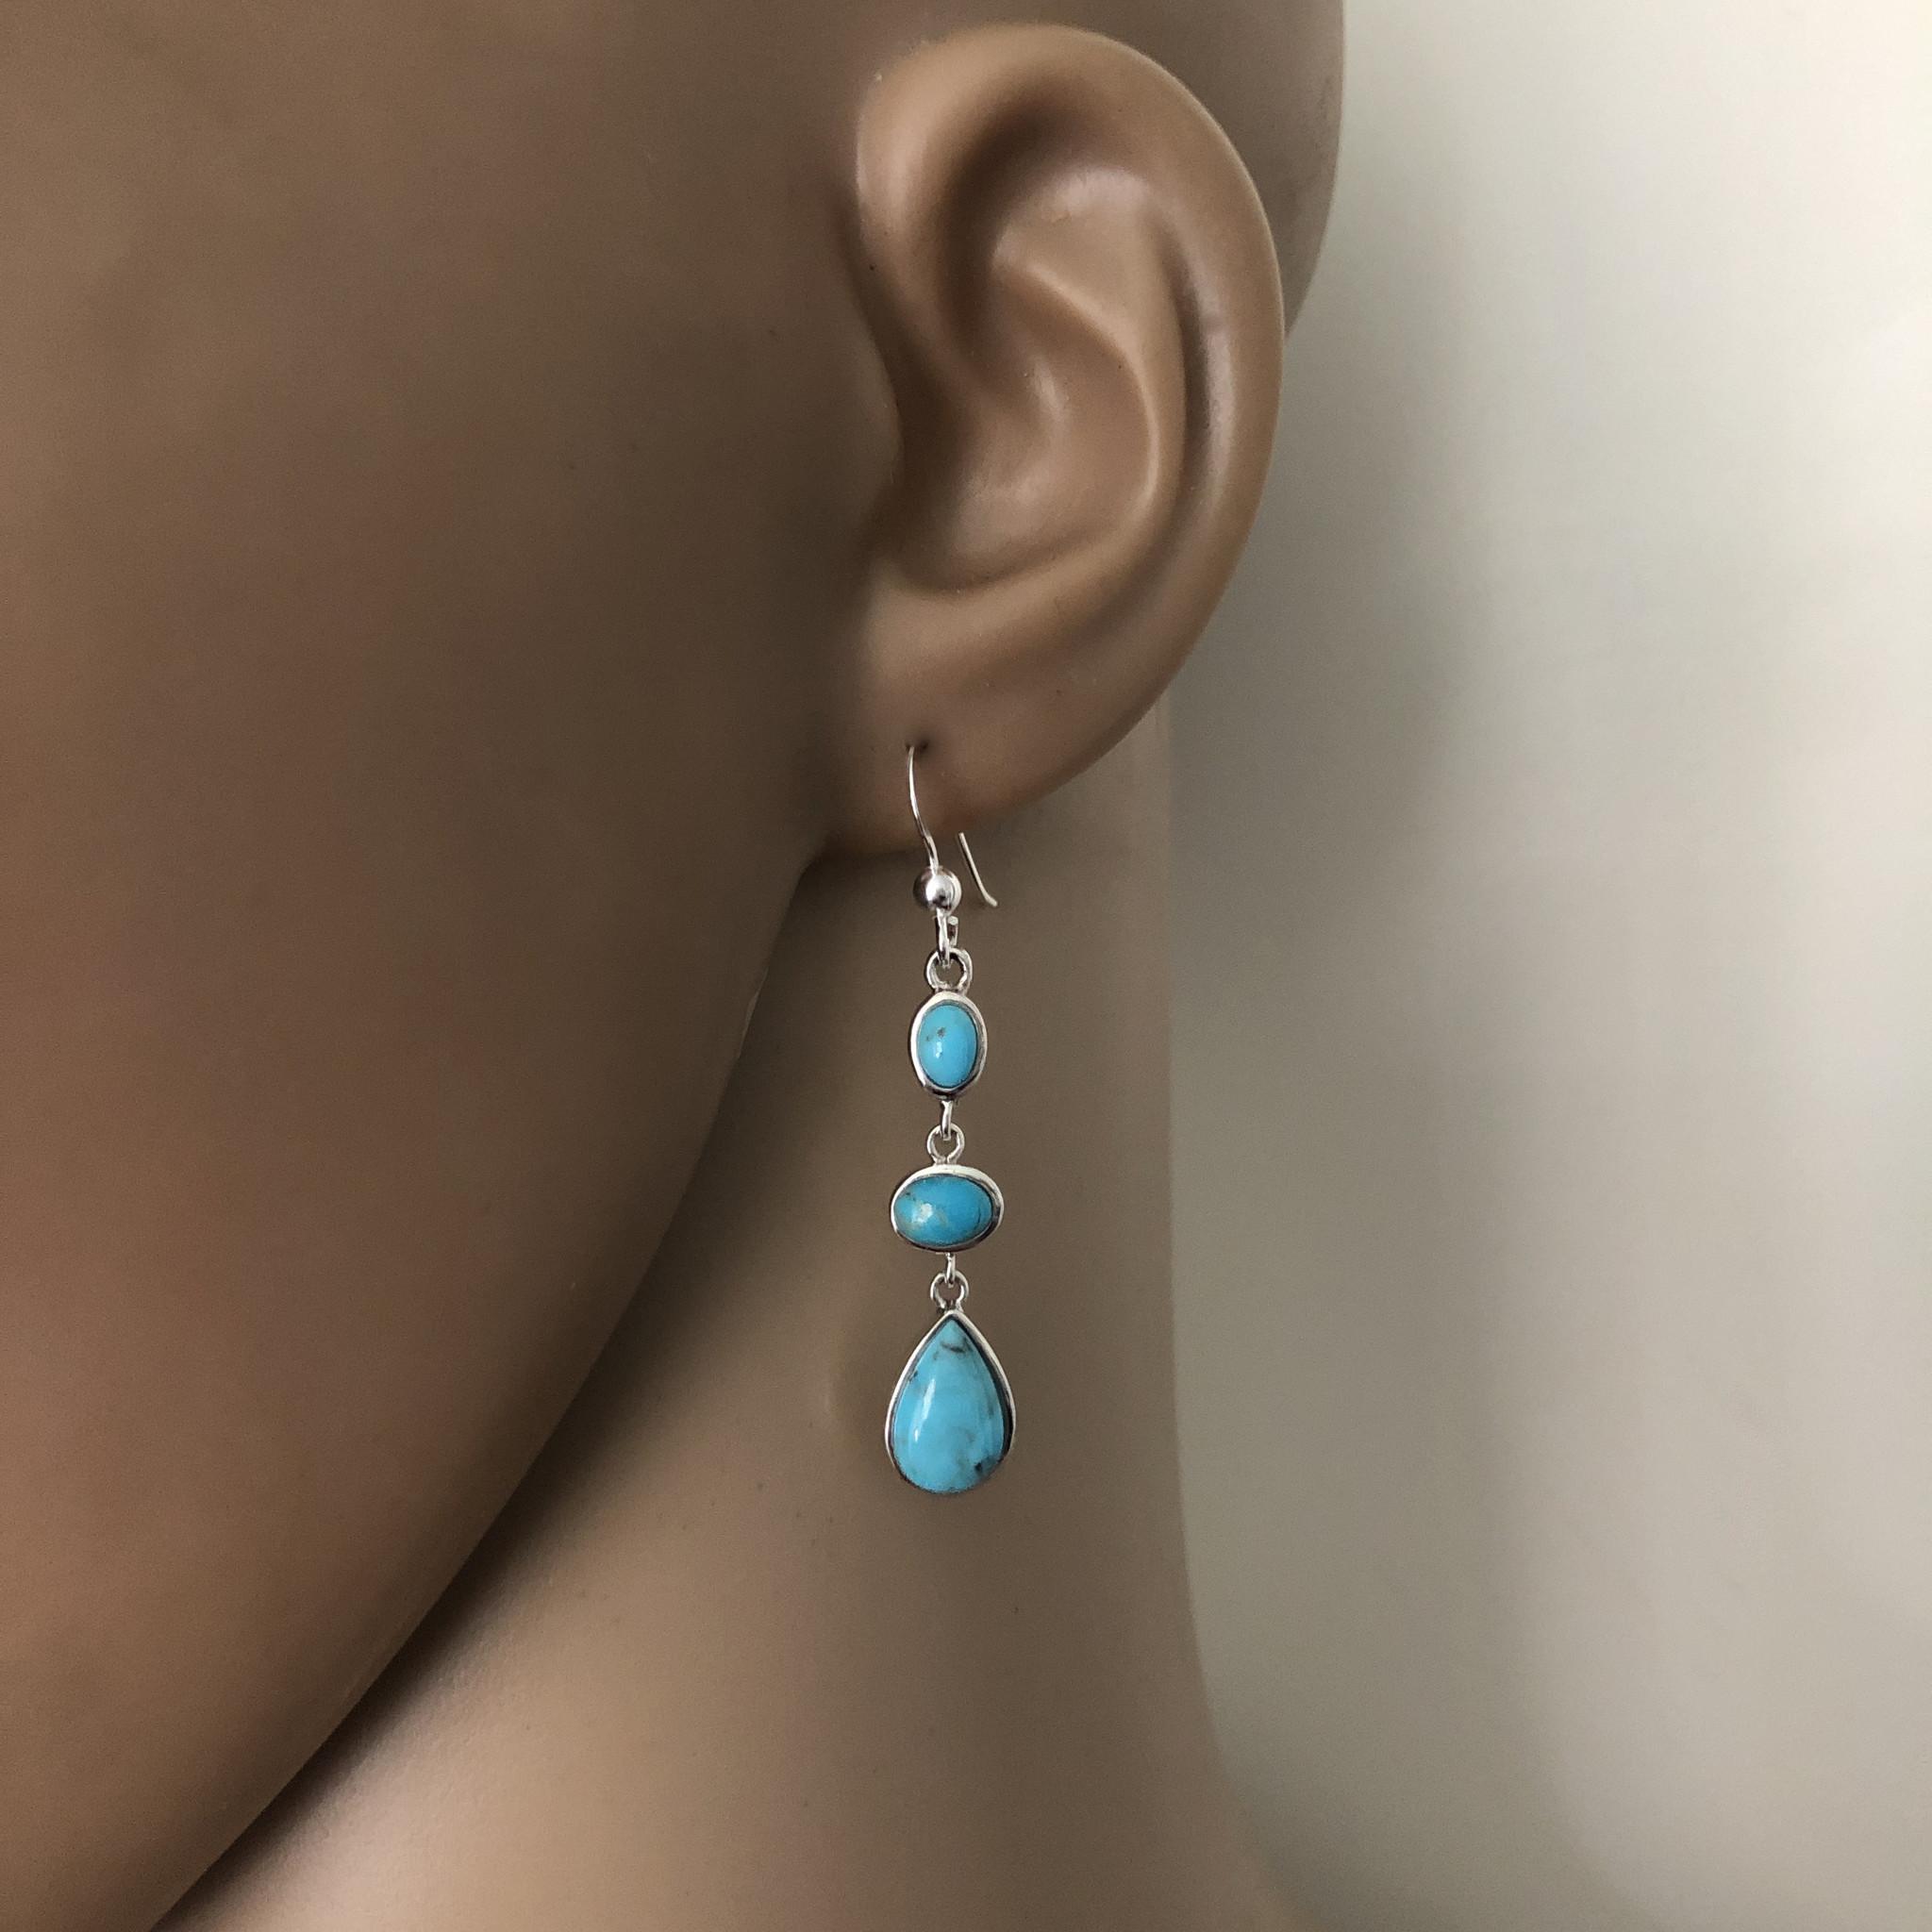 Zilveren oorhangers turkoois-2